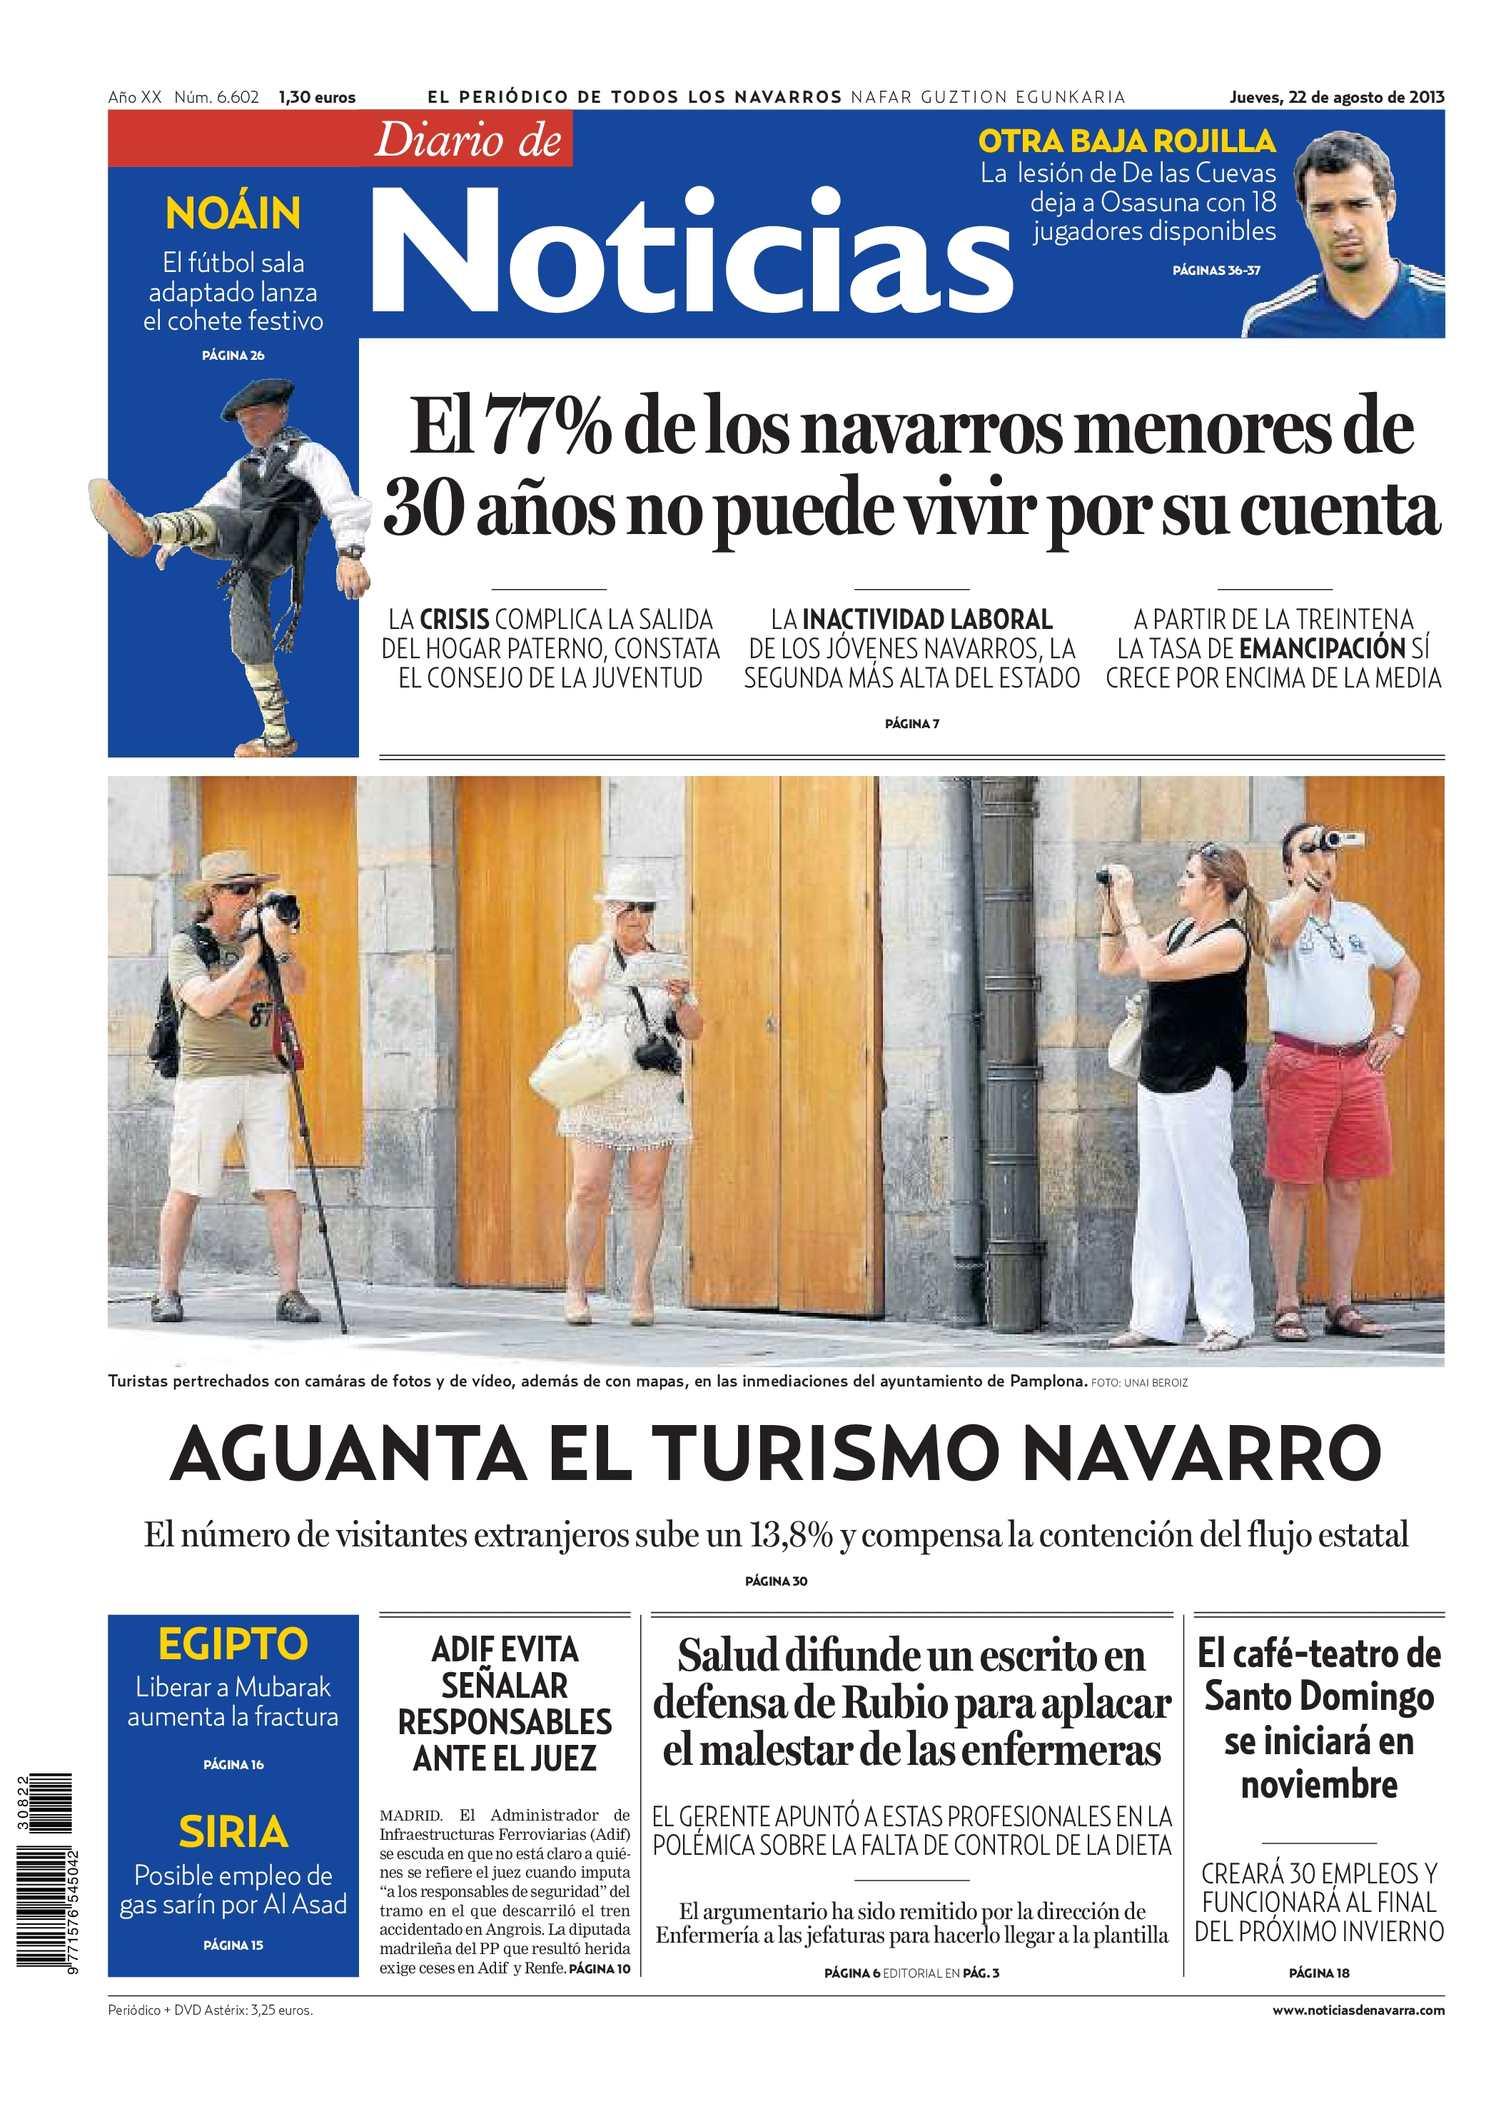 d61b2a77aa2 Calaméo - Diario de Noticias 20130822